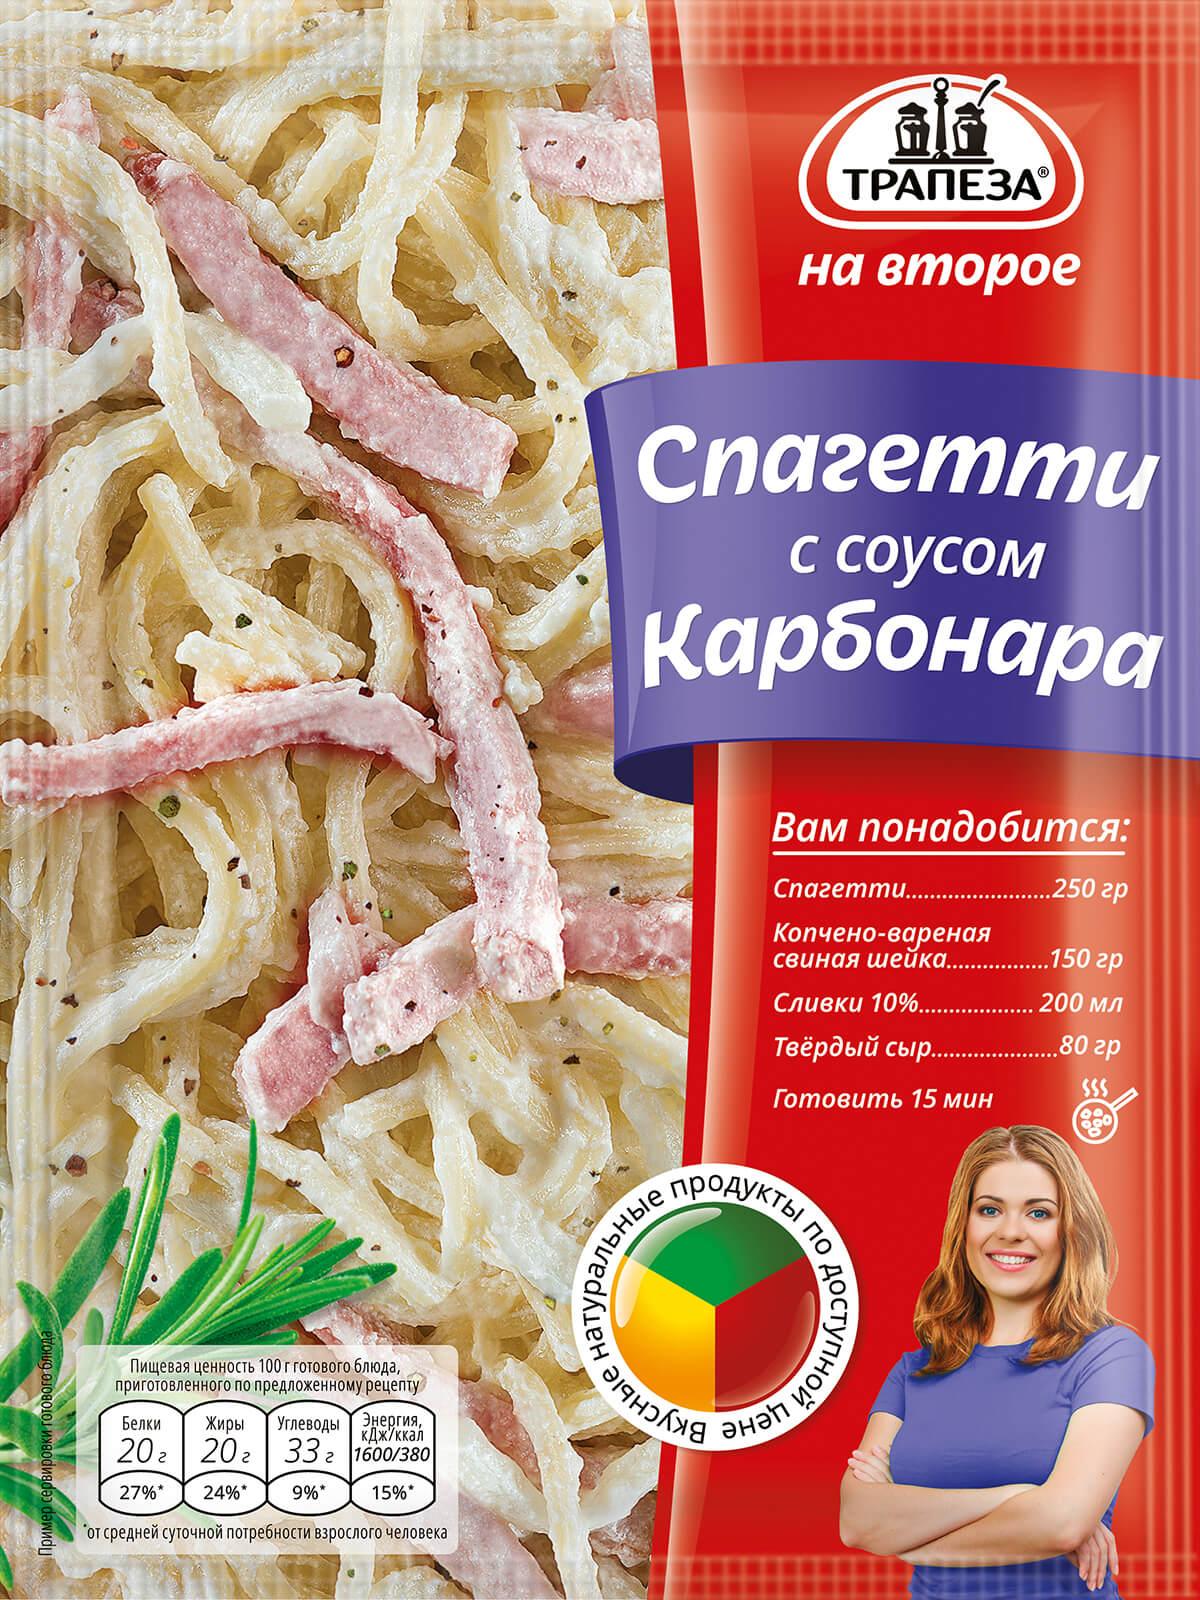 Трапеза на второе смесь для приготовления спагетти с соусом «Карбонара»